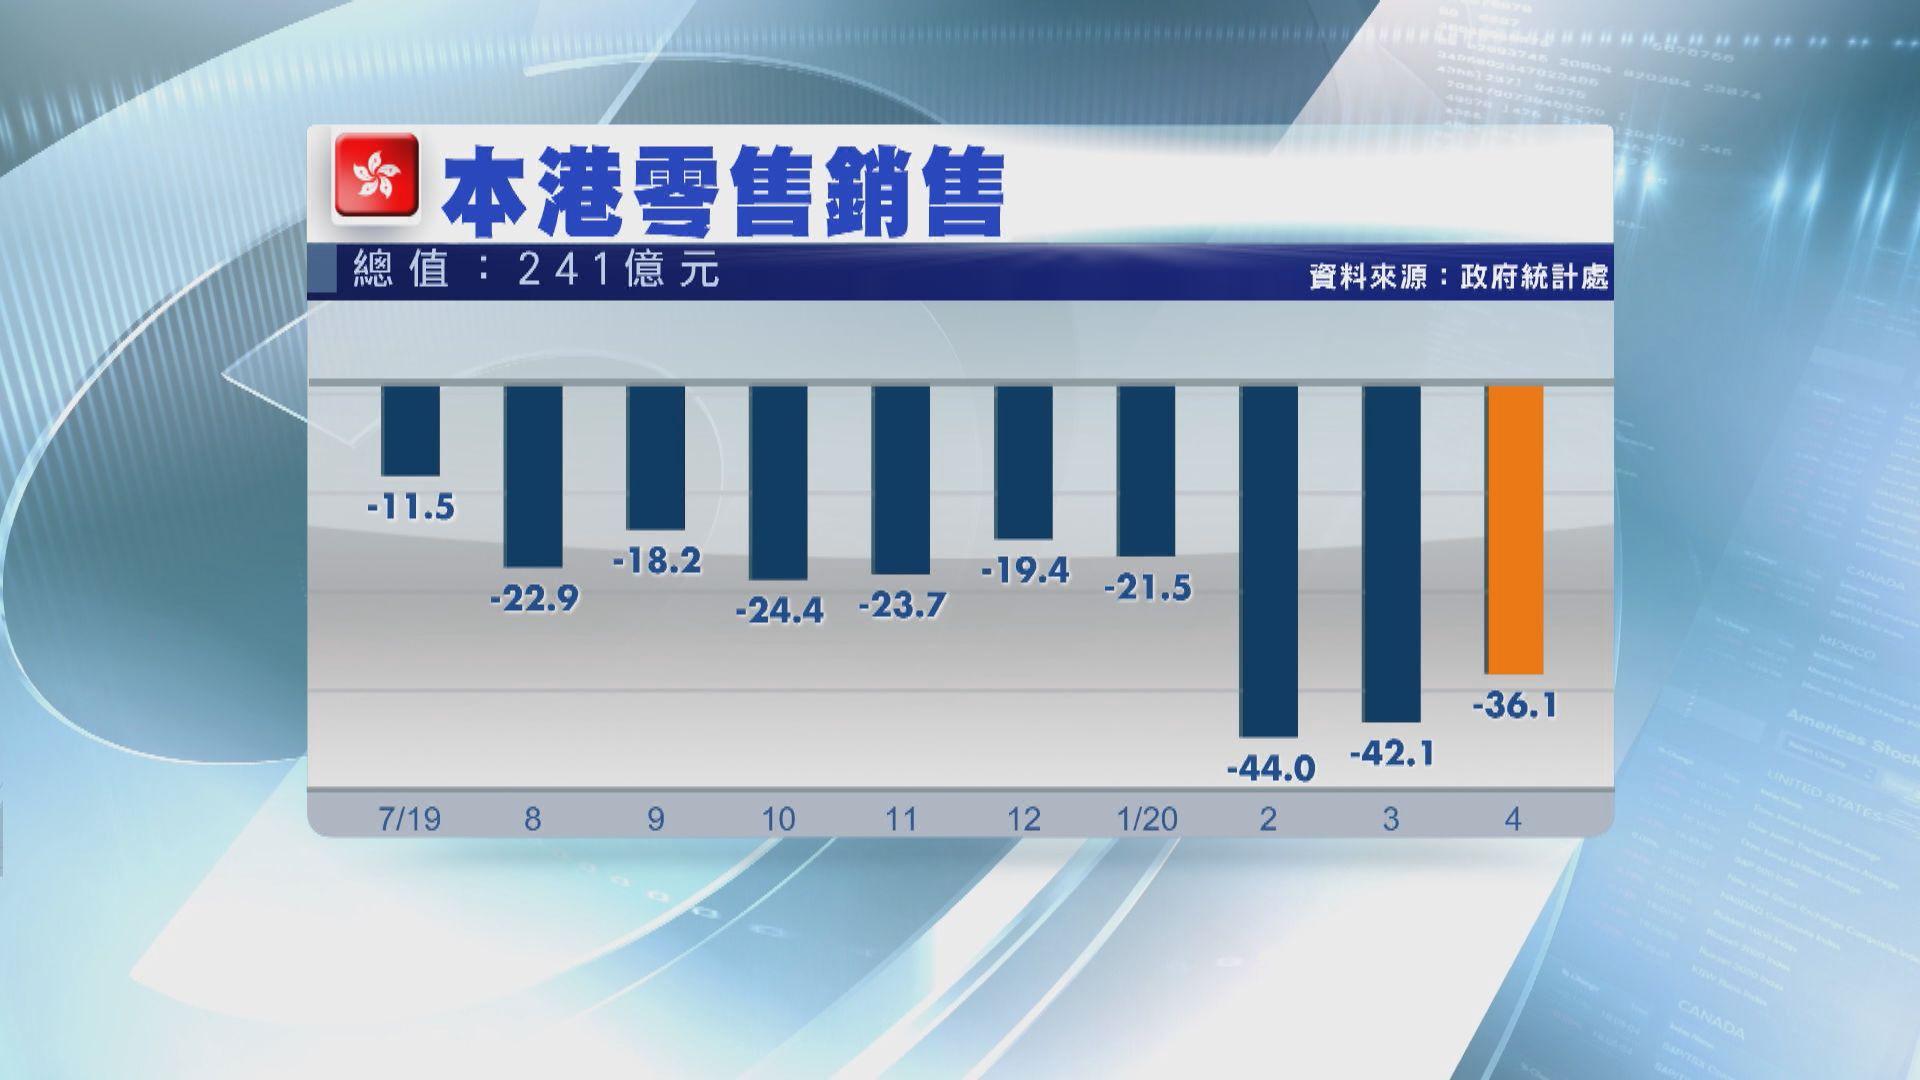 【市場走勢】港4月零售銷售跌幅大 上半年表現難樂觀